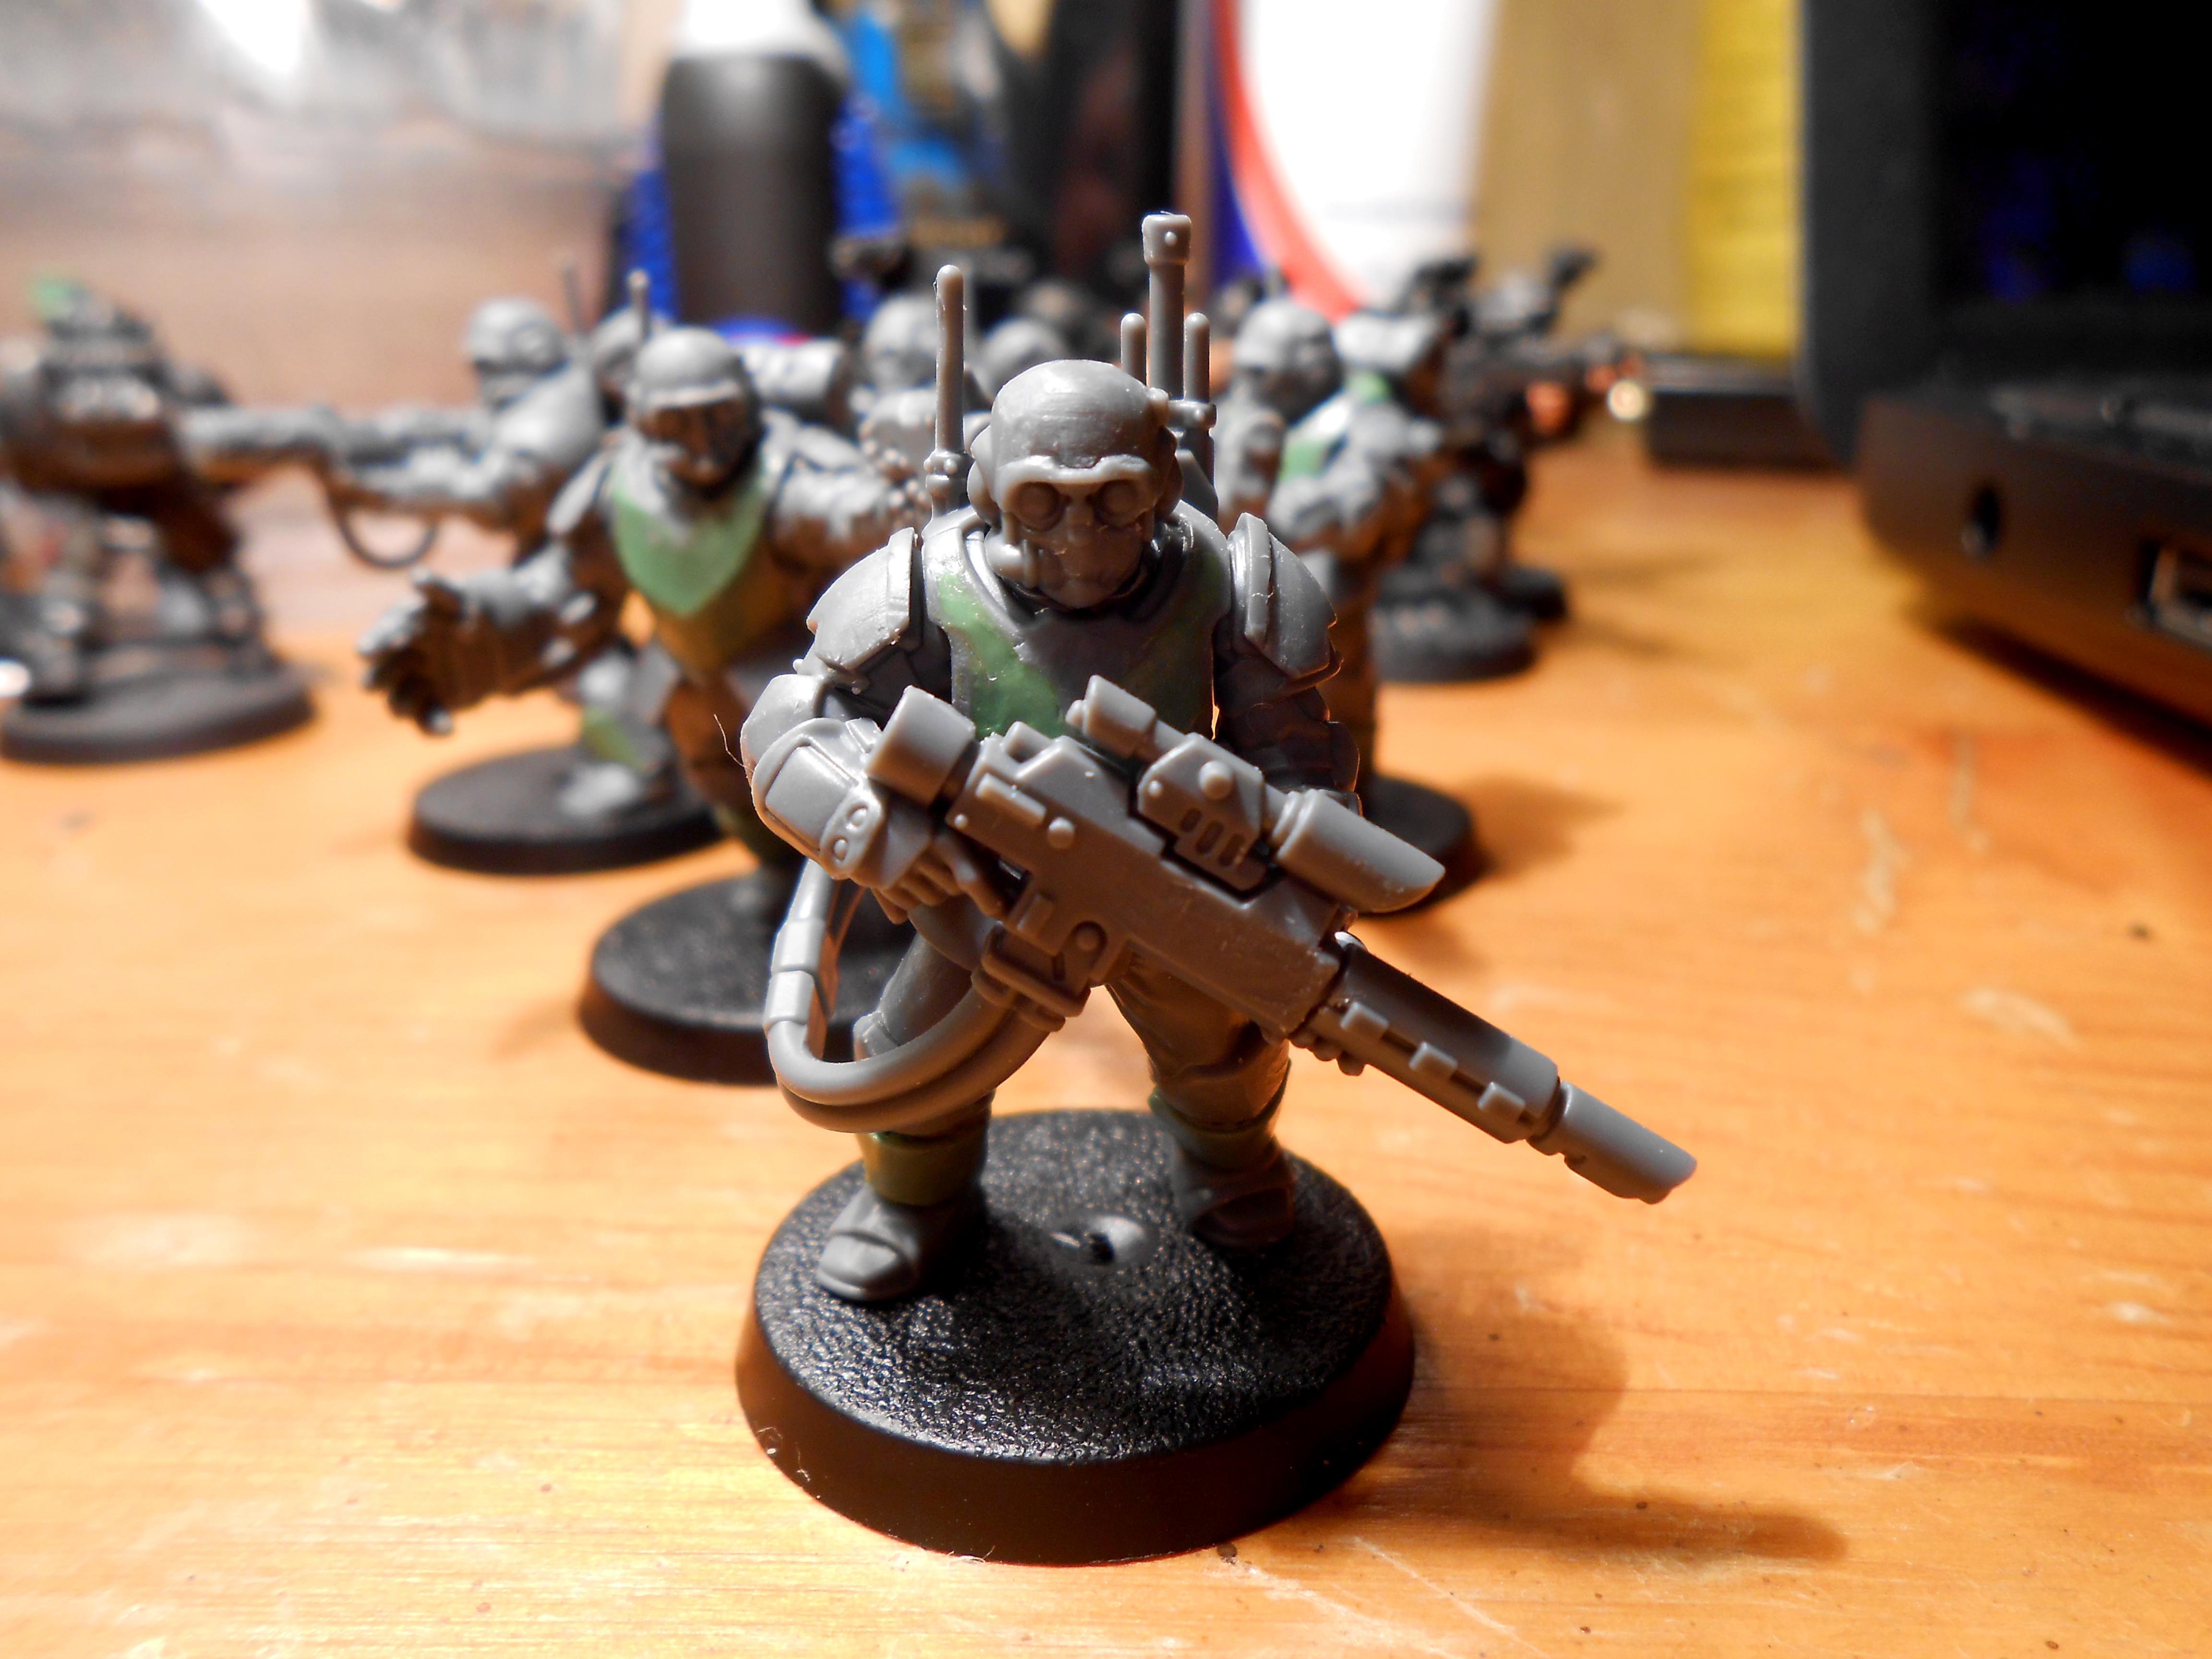 Greenstuff, Scion, Scions, Spec Ops, Special Ops, Storm Troopers, Stormtrooper, Tempestus, Tempestus Scions